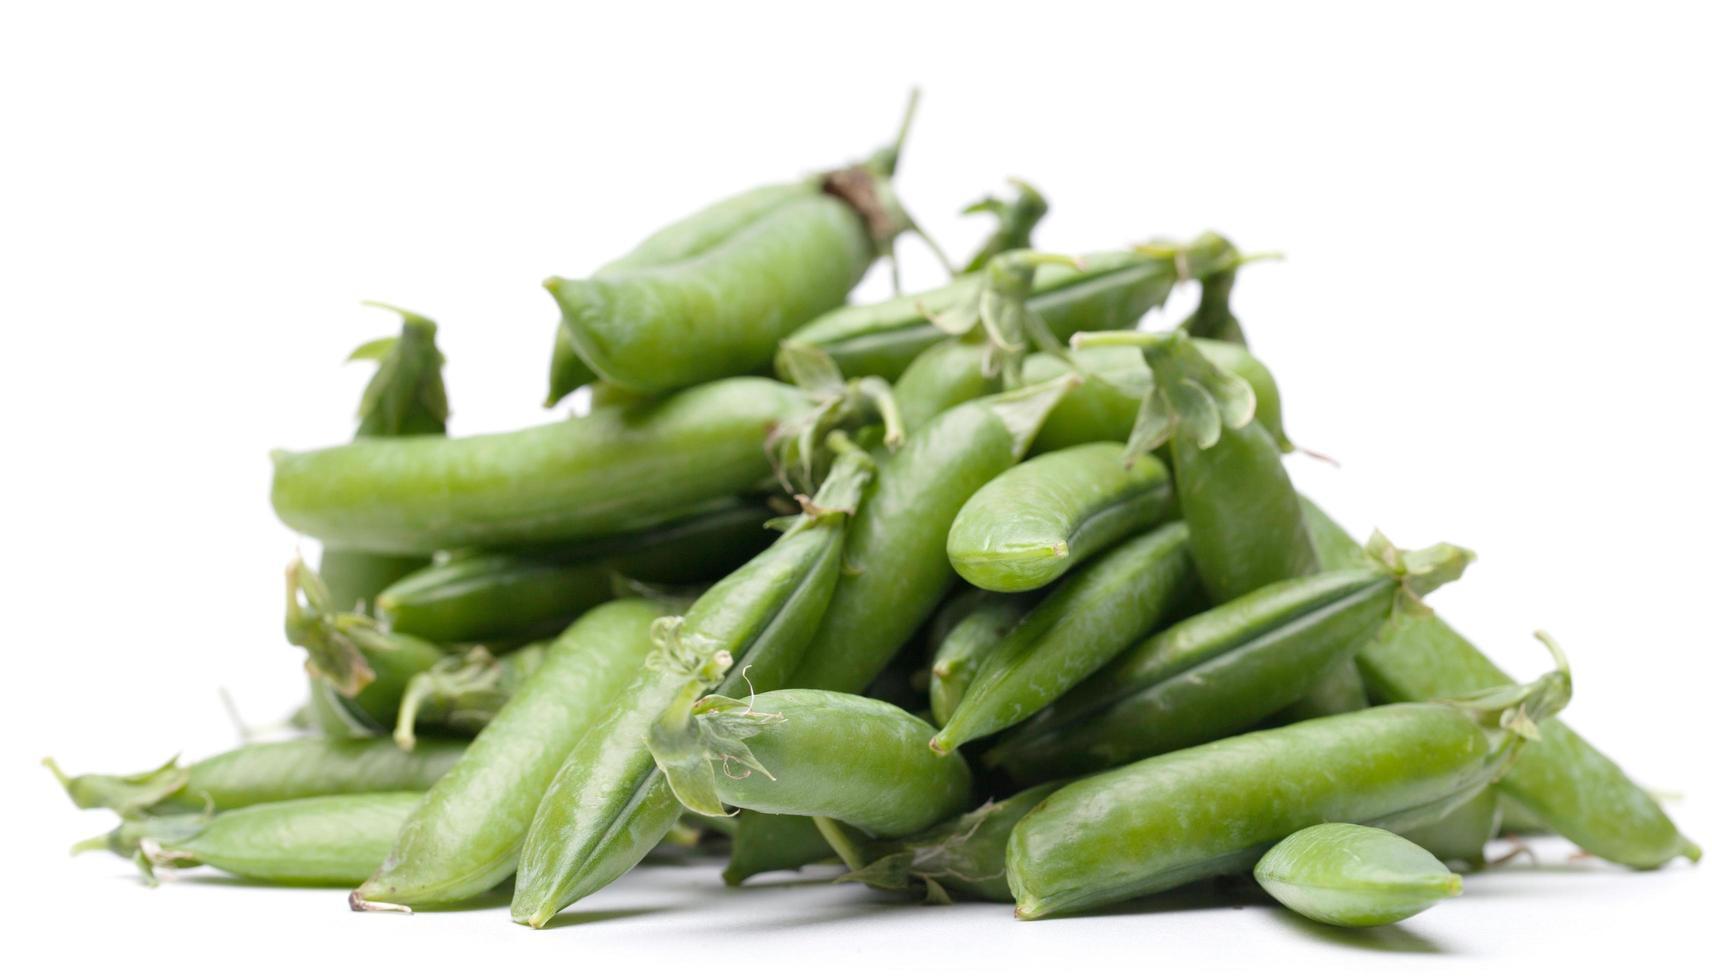 piselli freschi verdi isolati su sfondo bianco foto